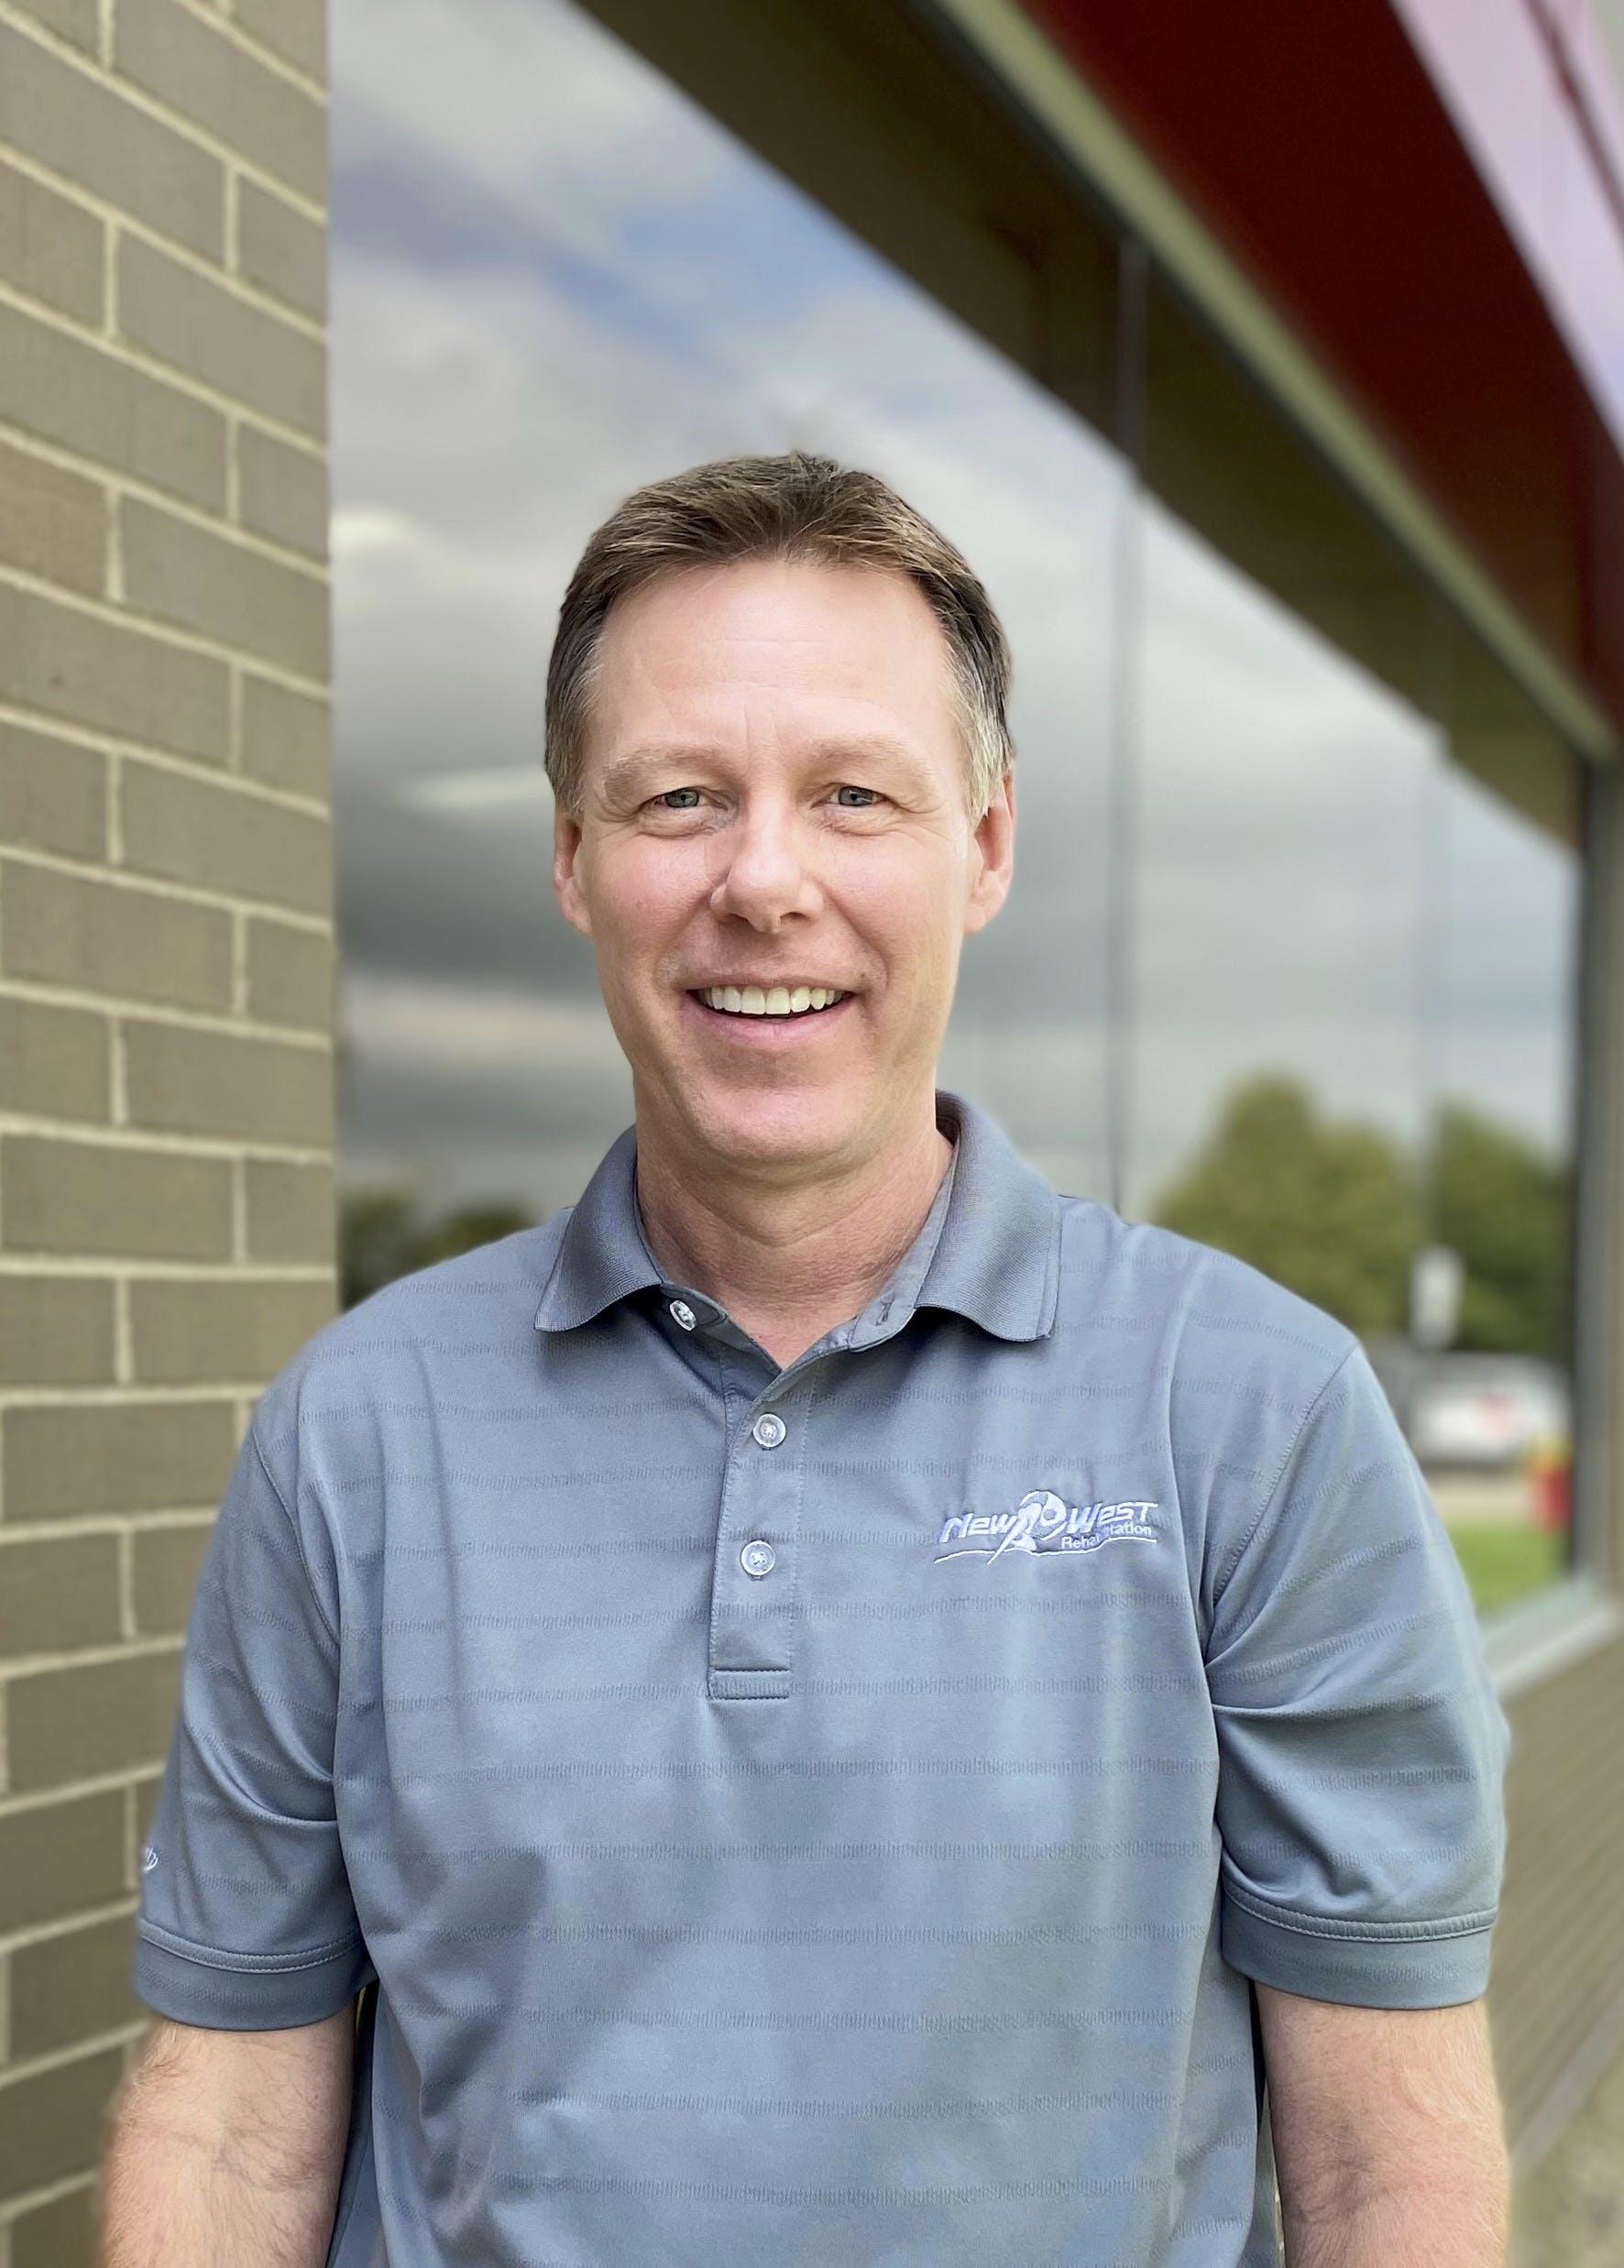 Terry Nitsch, PTA, ATC